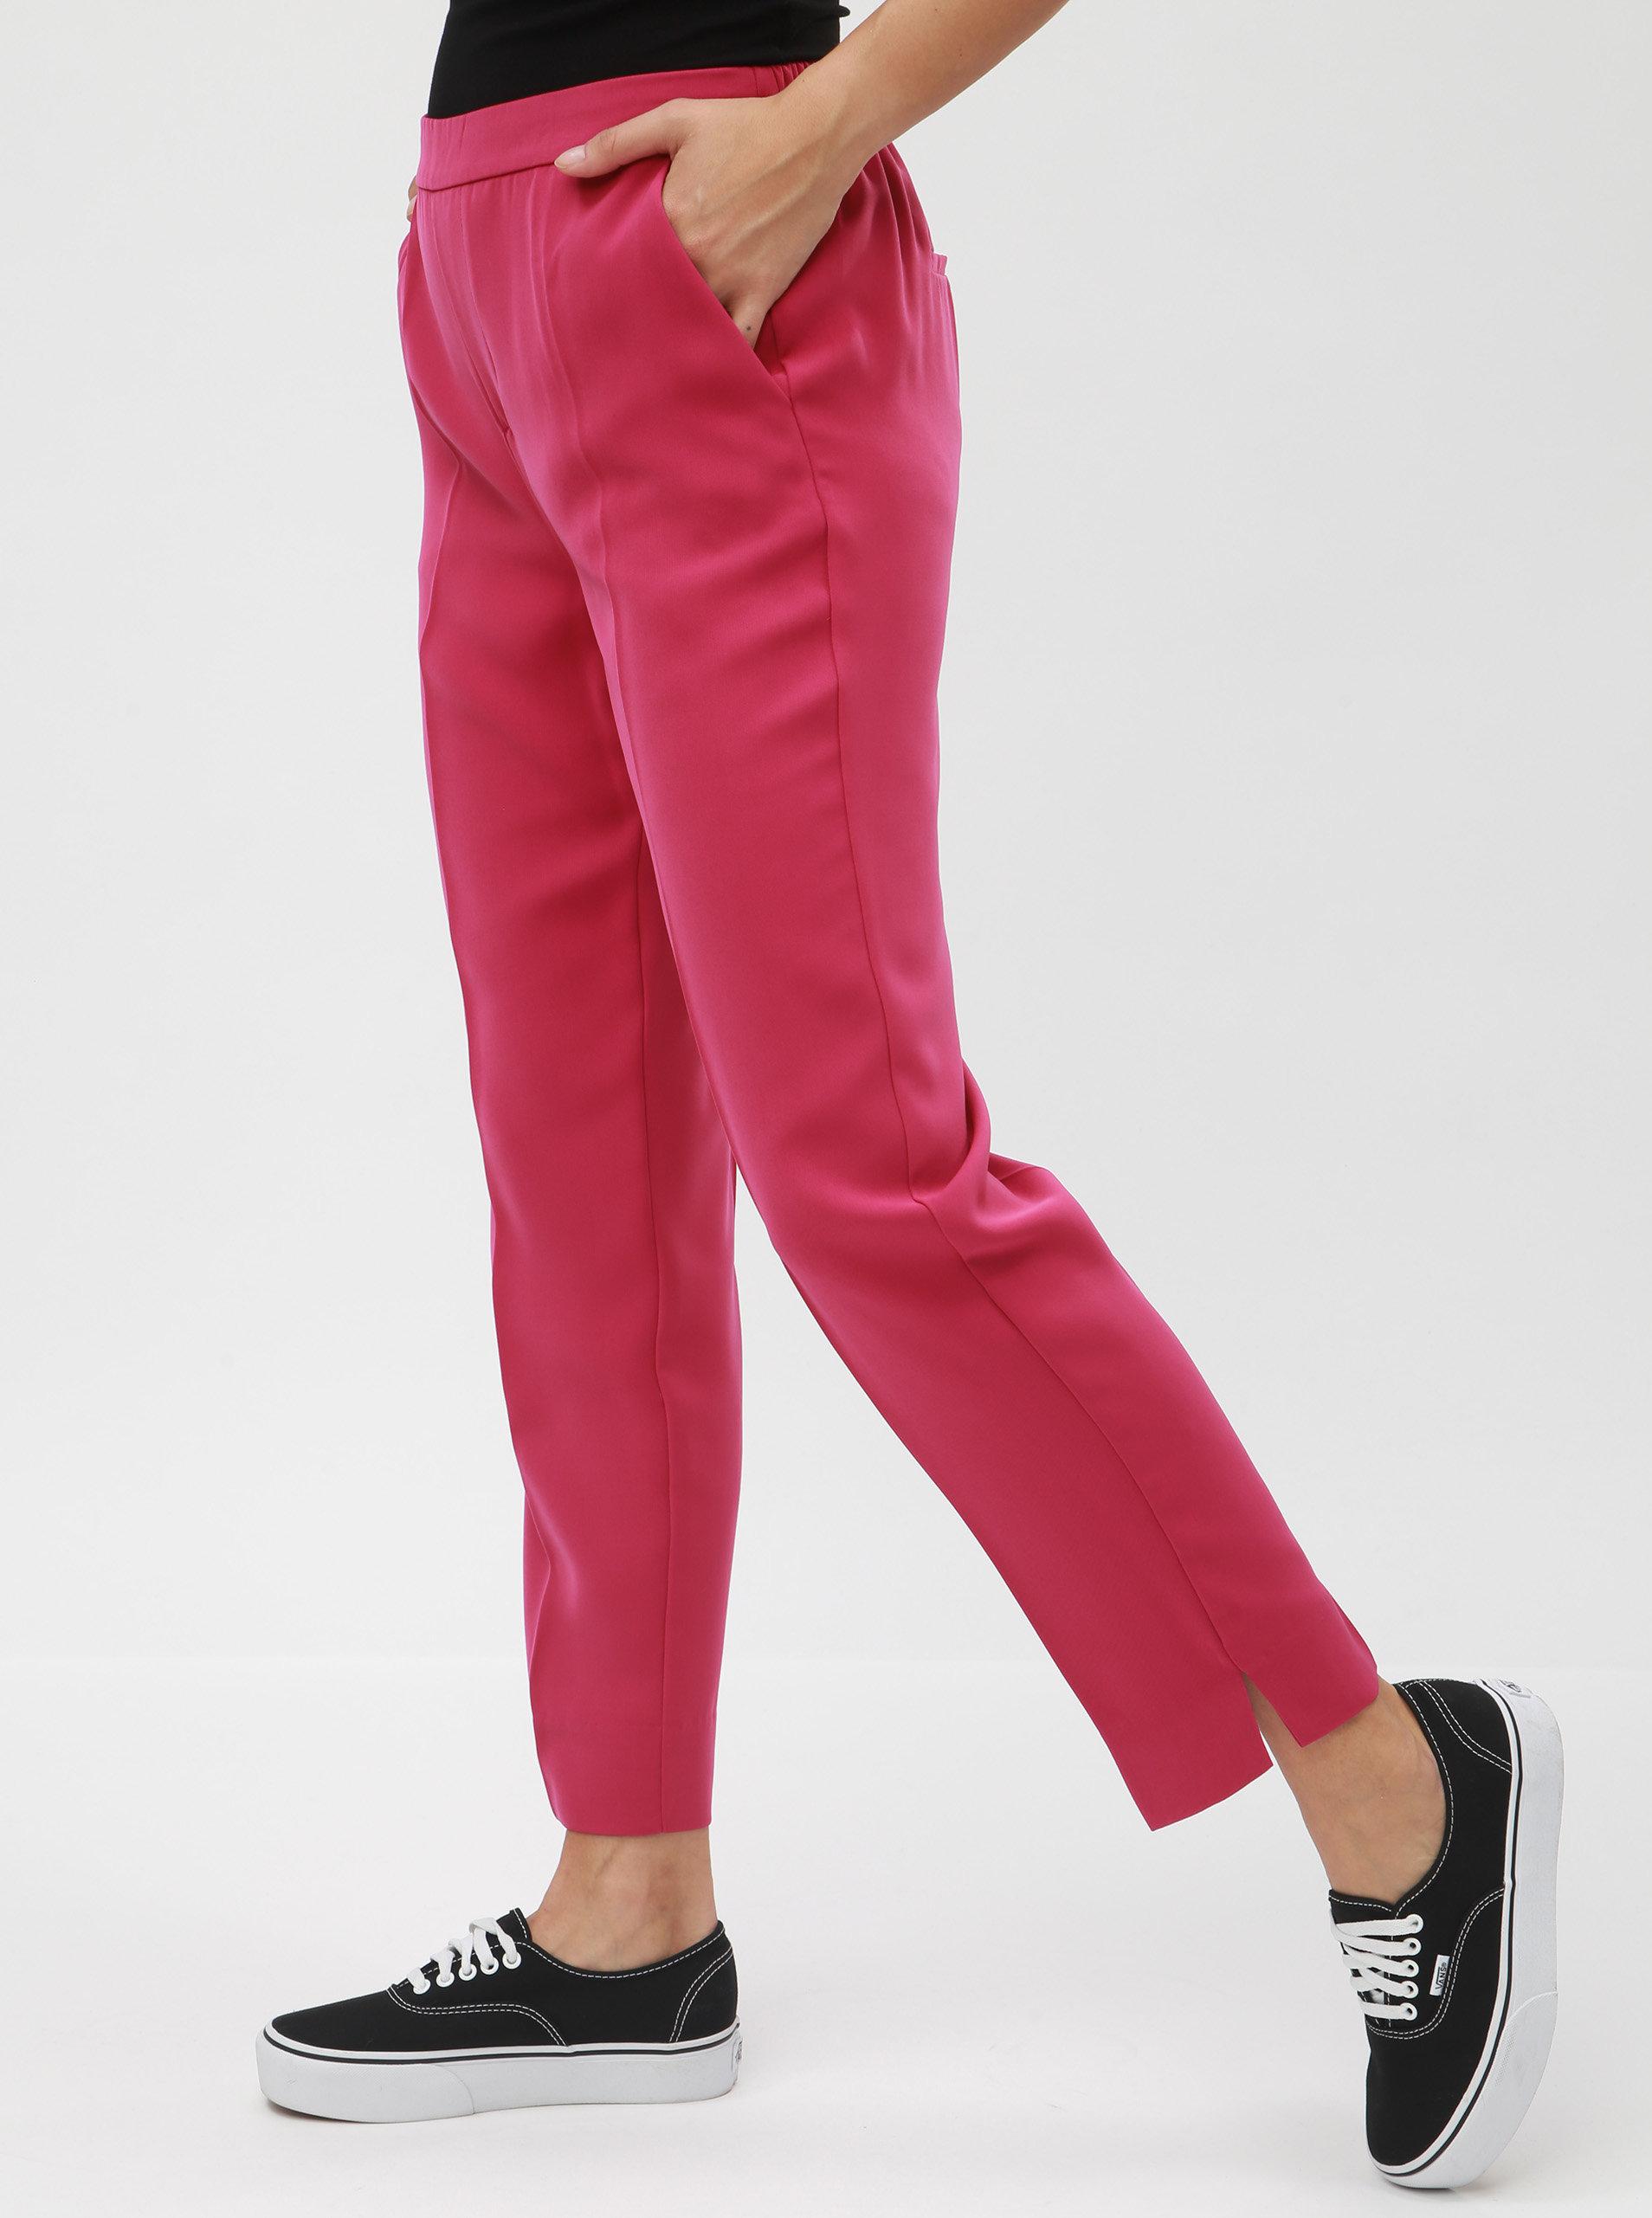 Tmavě růžové zkrácené kalhoty s puky a vysokým pasem VERO MODA Hanna ... 6872bf86f7